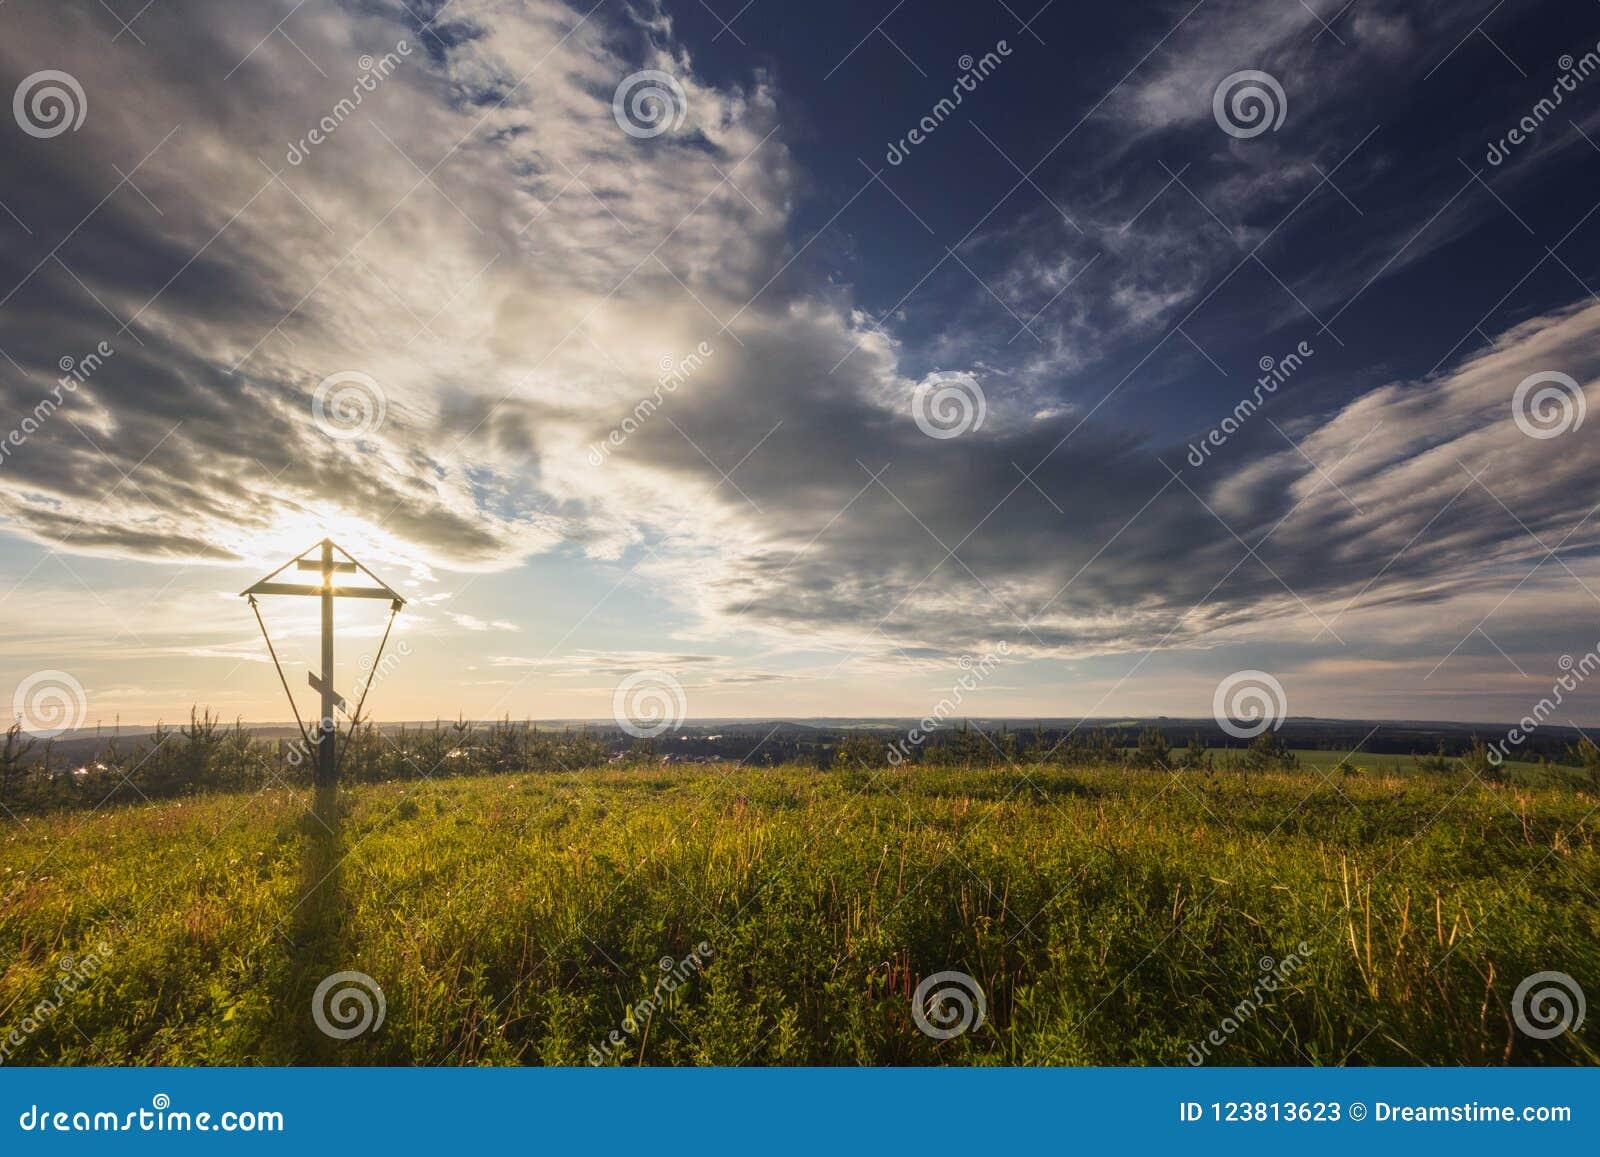 Début de la matinée aube La grande croix orthodoxe est illuminée par la lumière du soleil